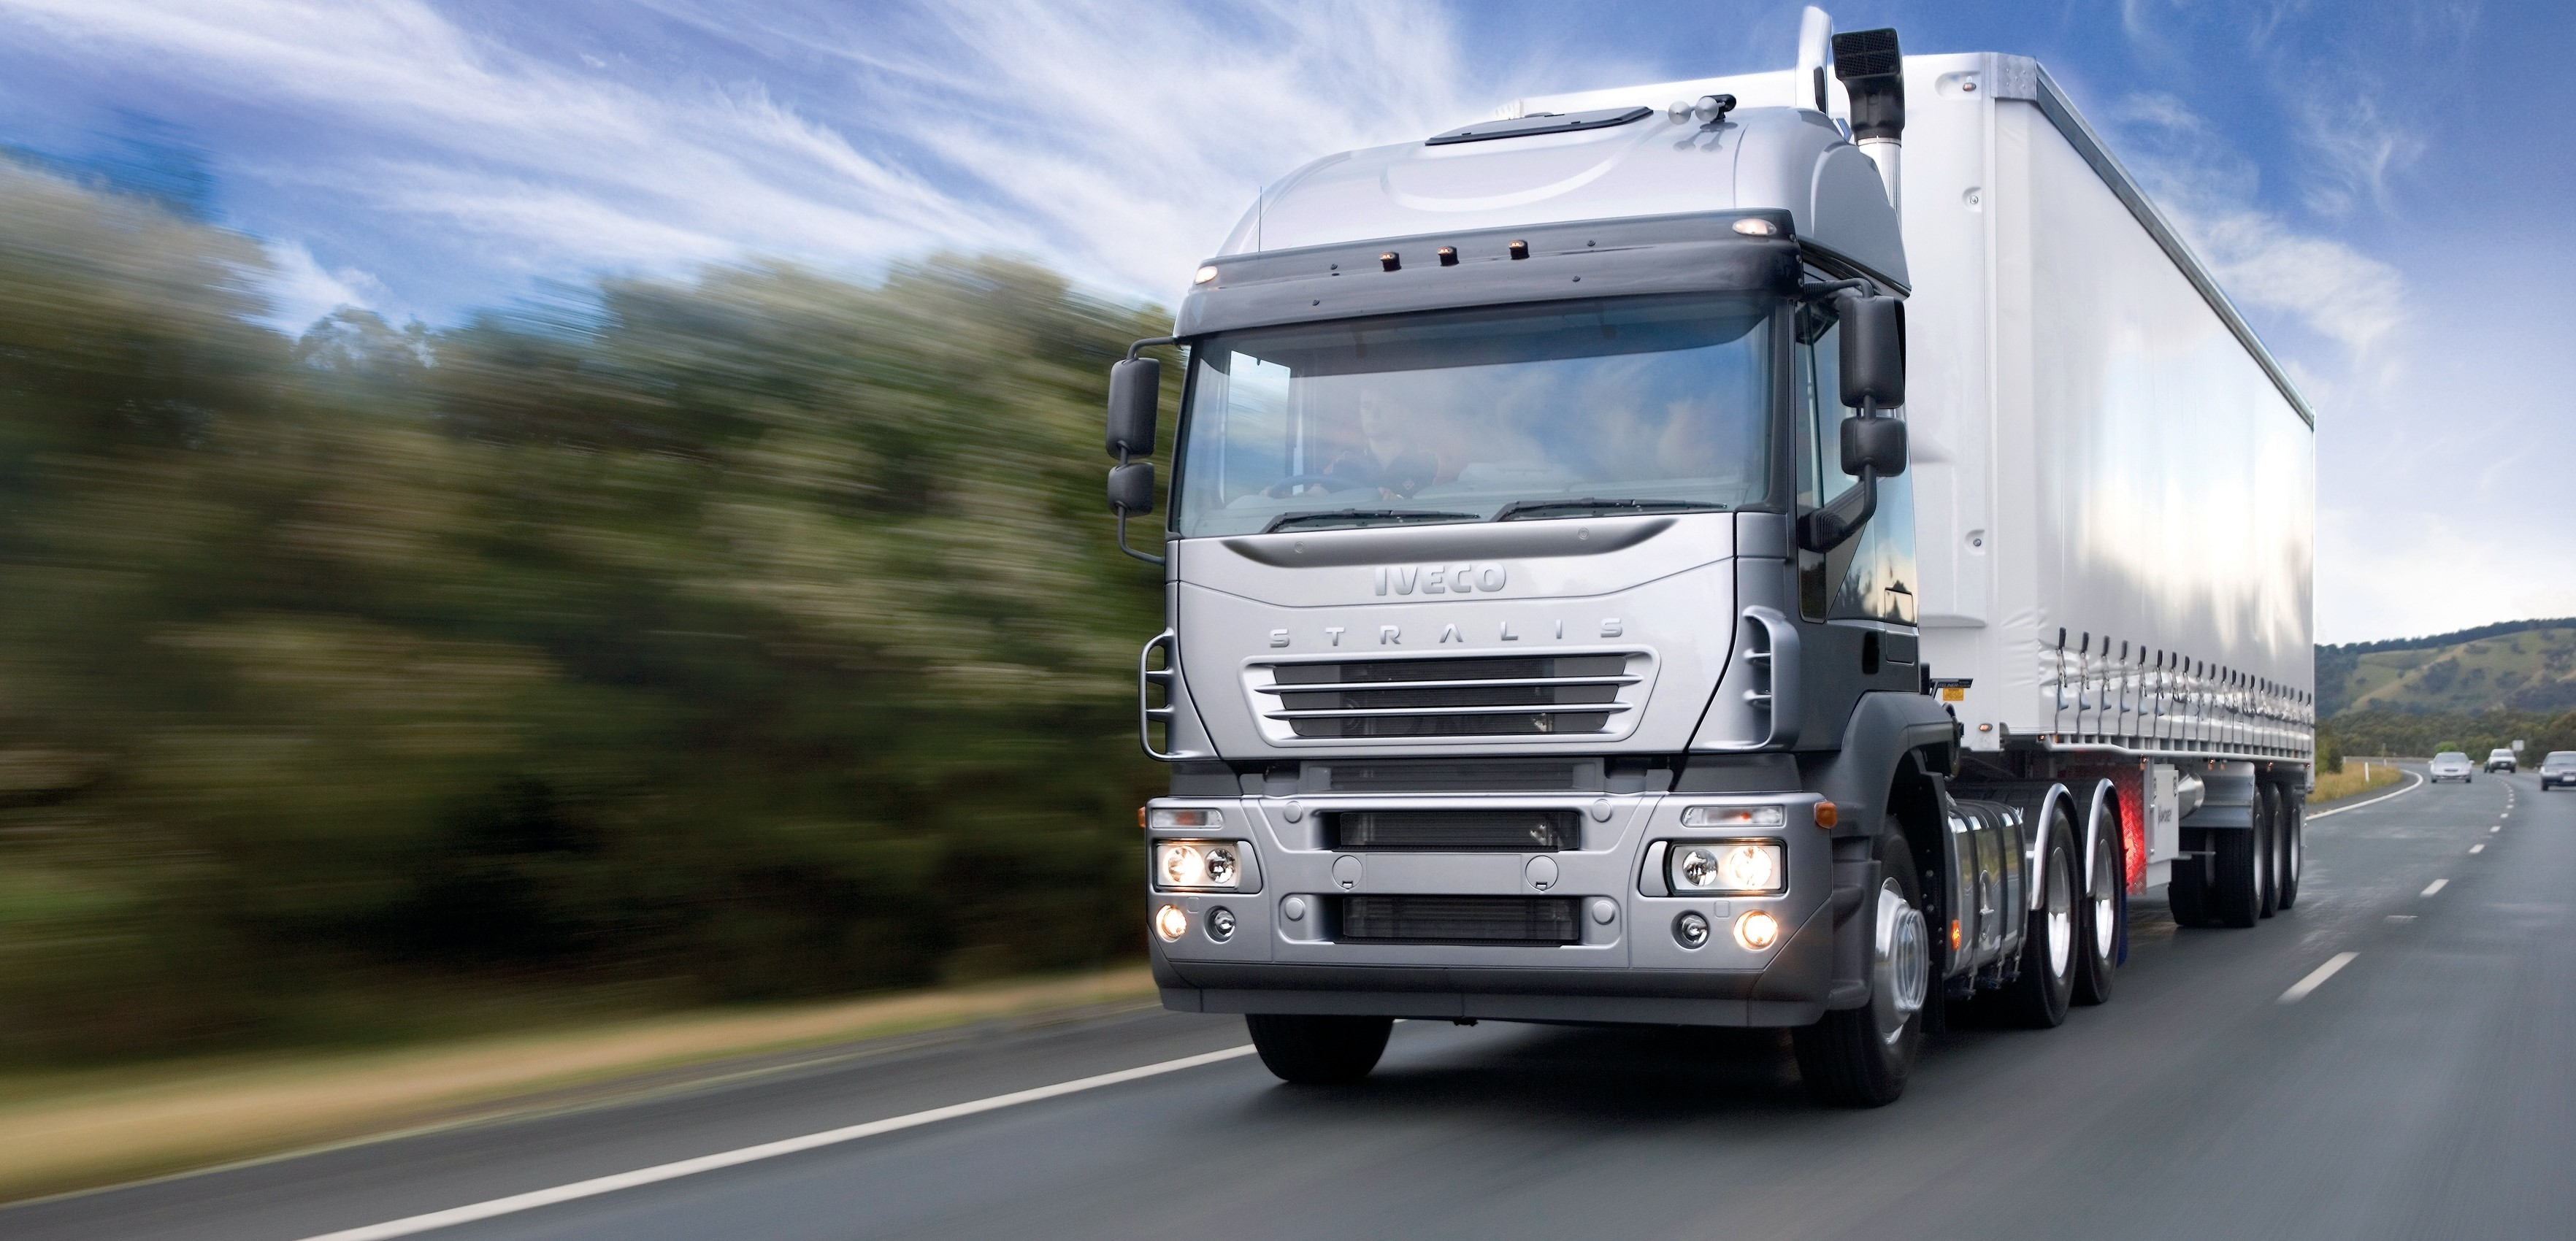 Prețurile transporturilor sunt în continuă creștere în Germania. Cauza ar fi lipsa de șoferi.